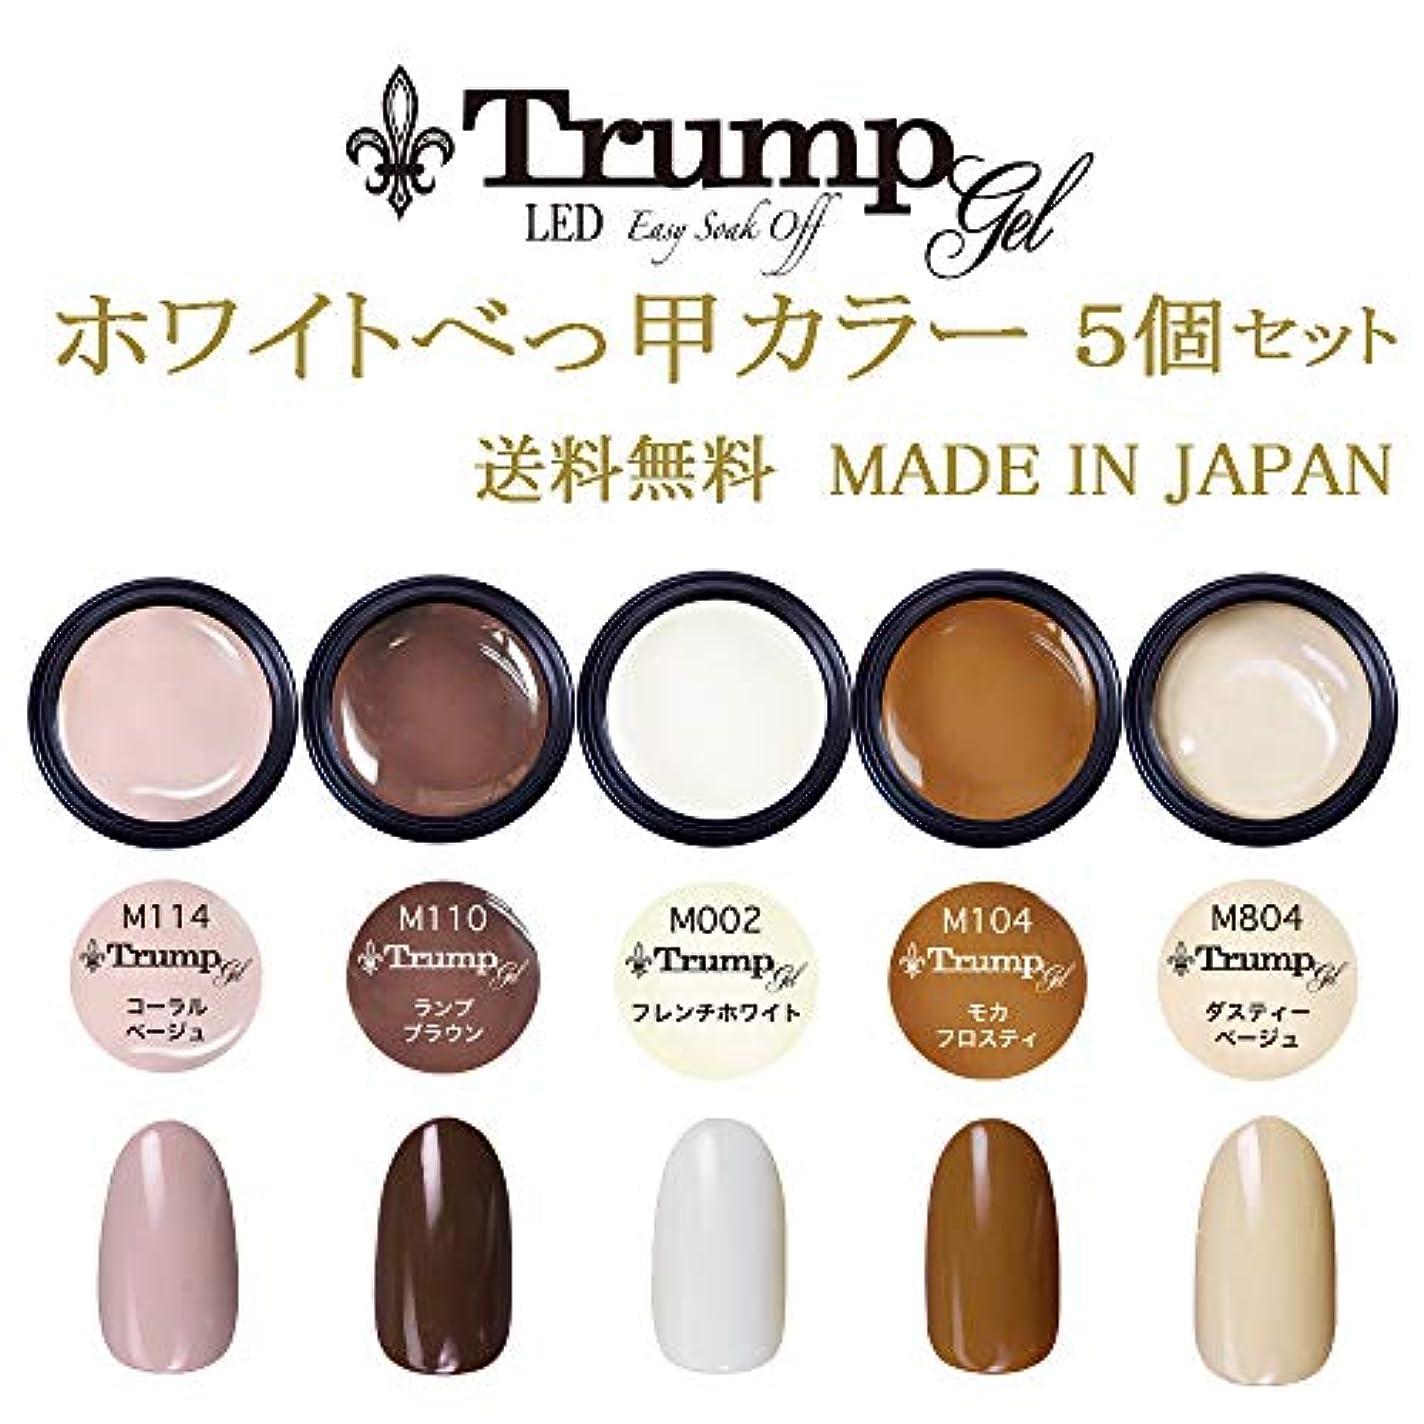 知る中古全体に【送料無料】日本製 Trump gel トランプジェルホワイトべっ甲カラージェル 5個セット スタイリッシュでオシャレな 白べっ甲カラージェルセット